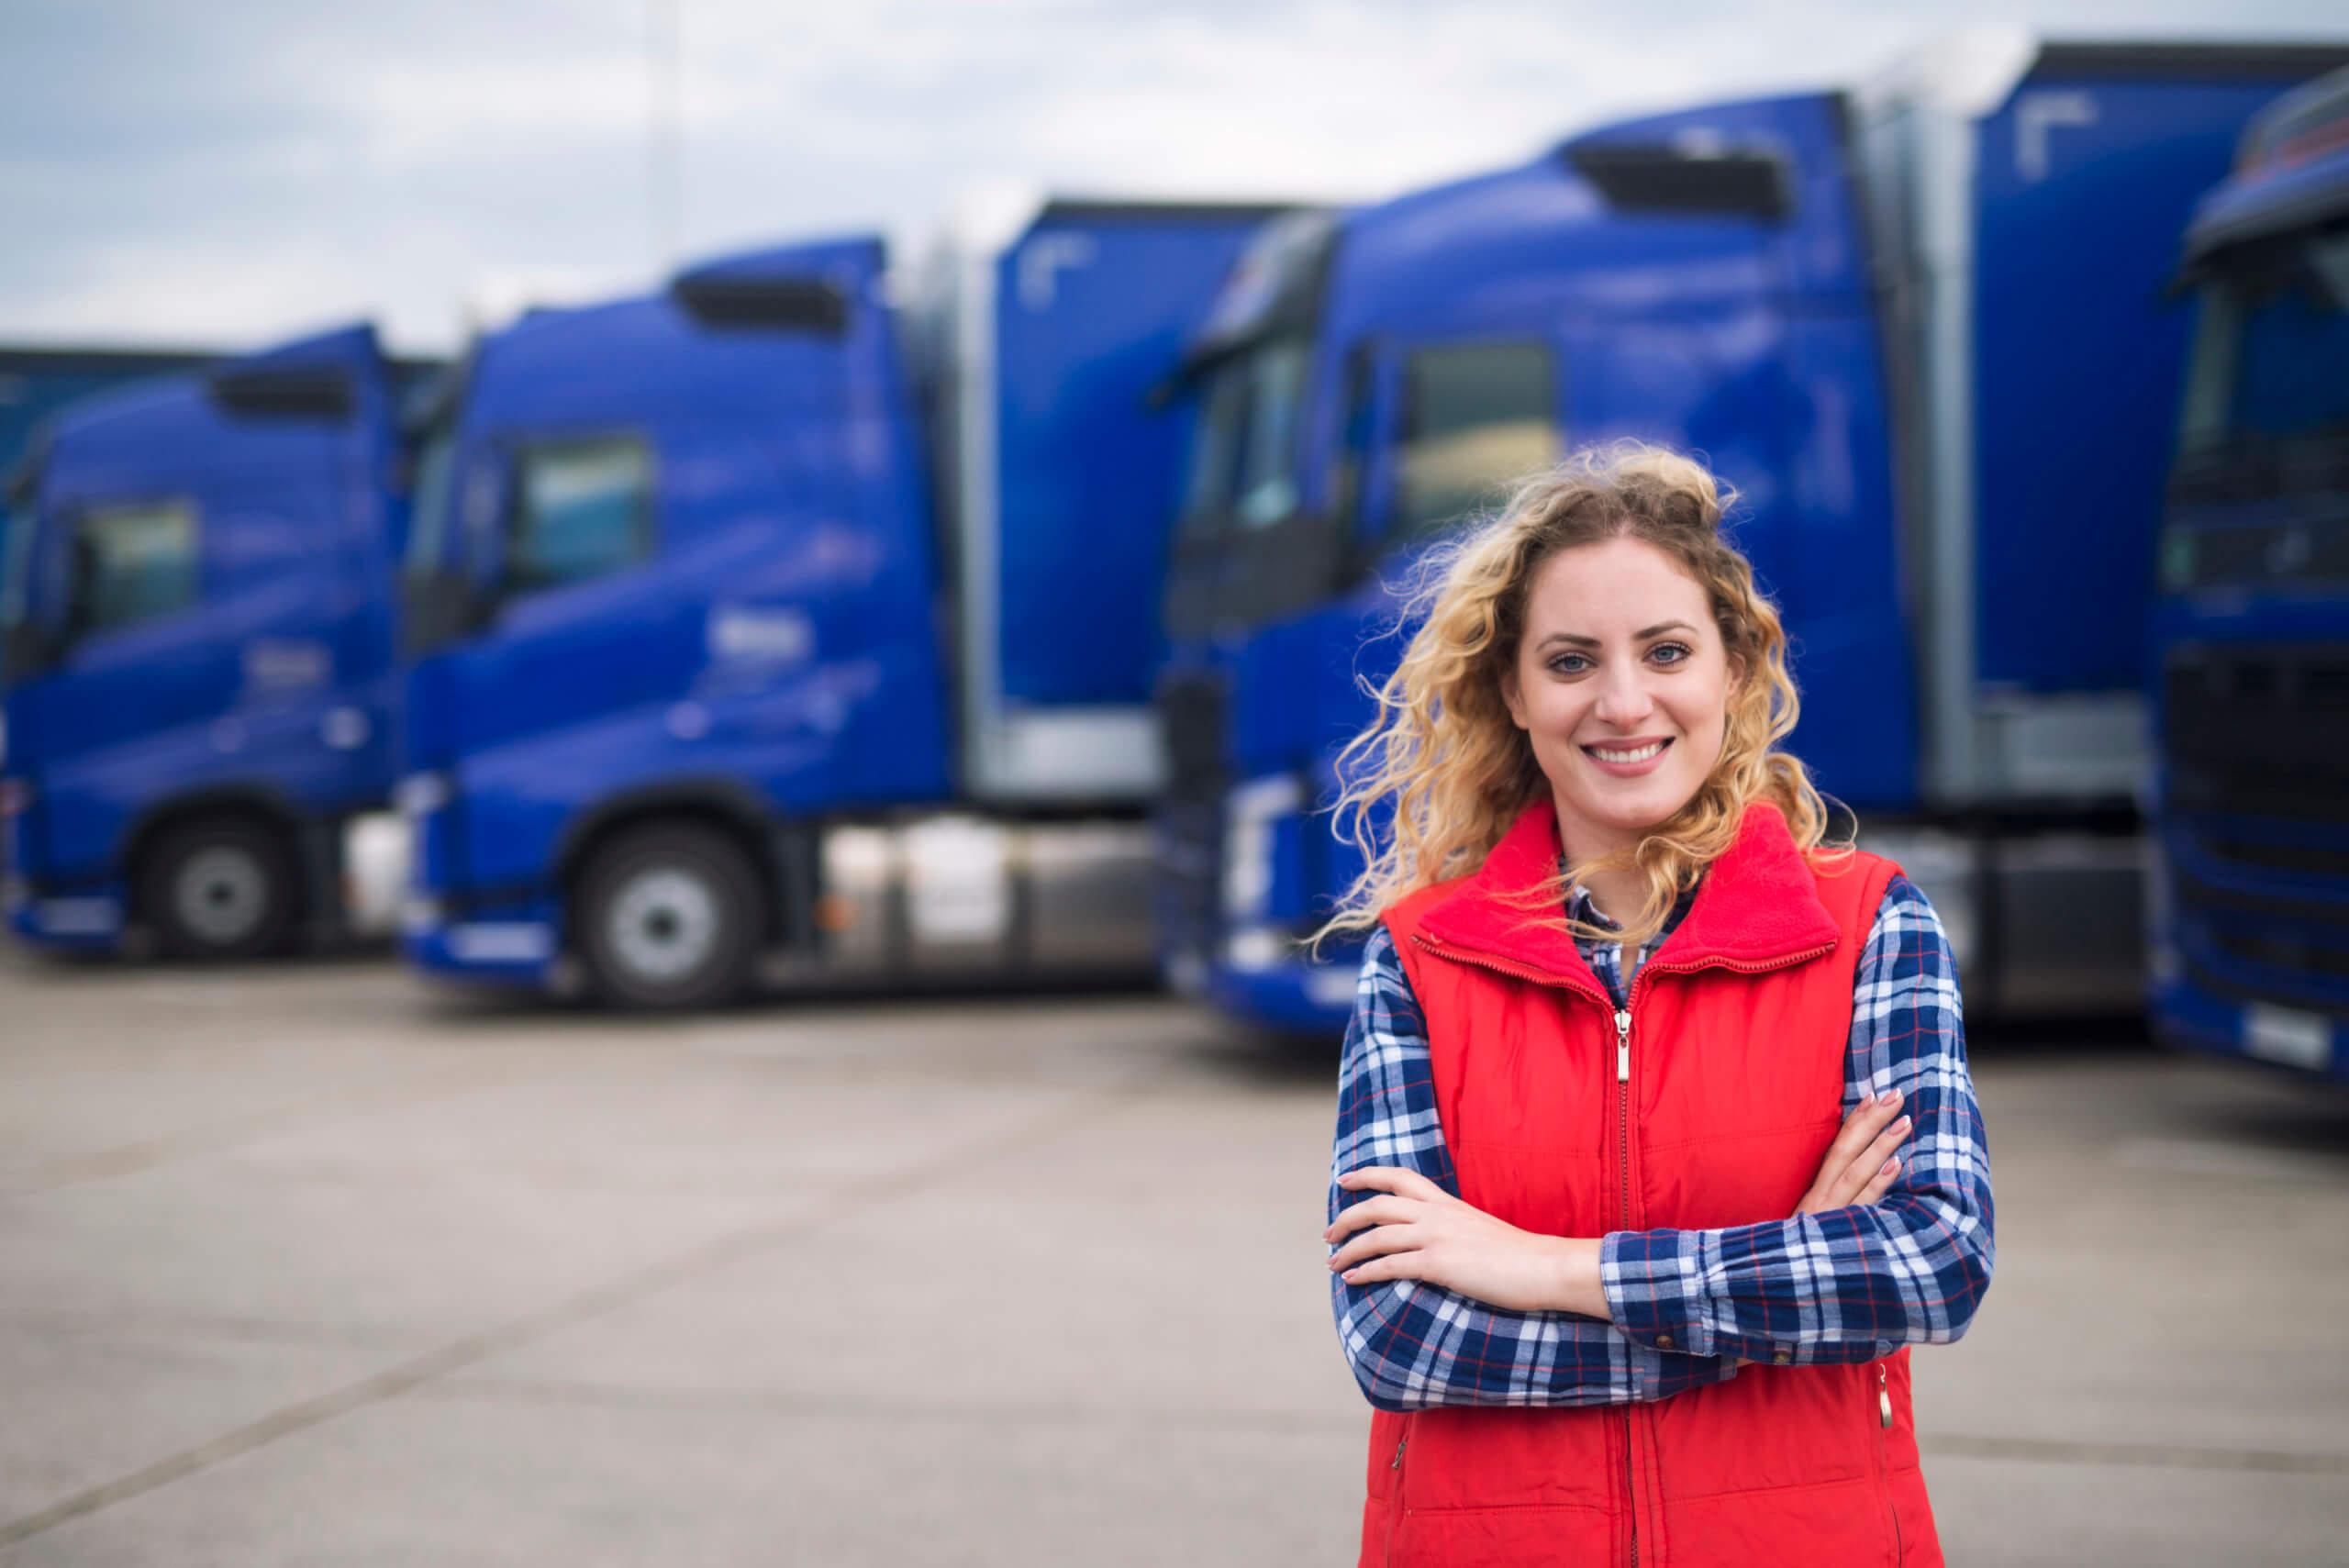 Na imagem, uma caminhoneira está em foco, atrás dela temos vários tipos de caminhões